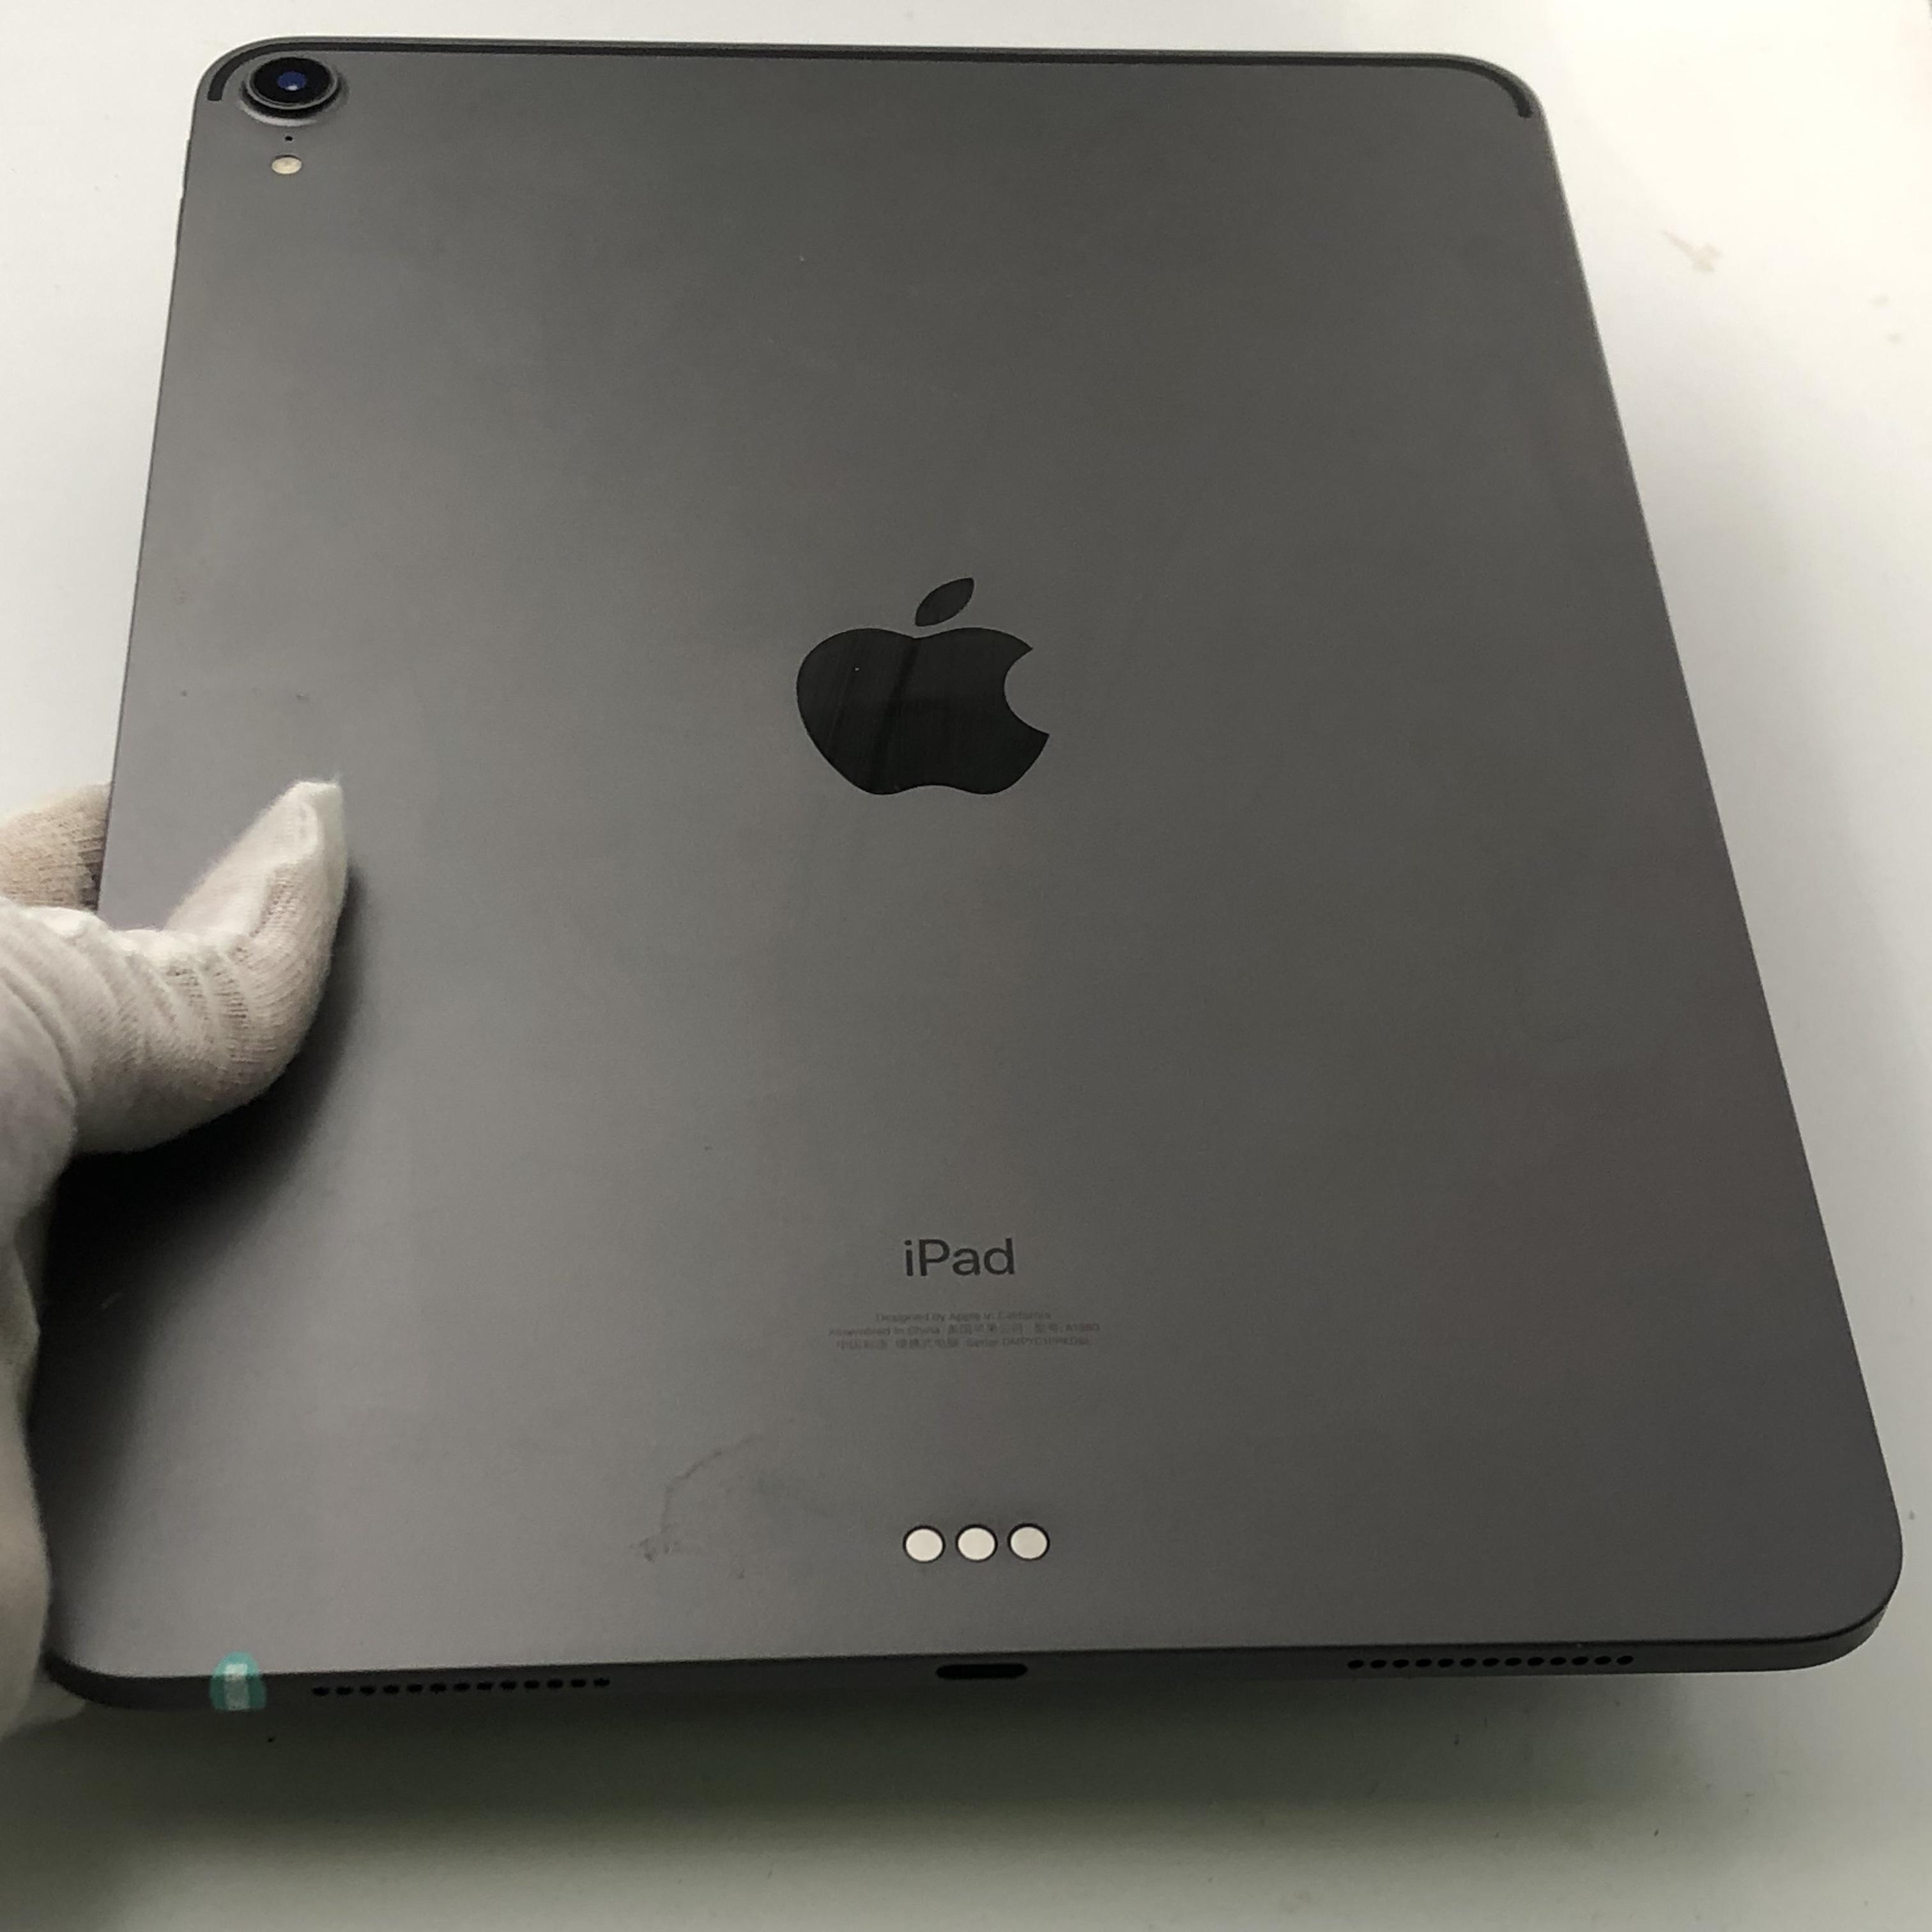 苹果【iPad Pro 11英寸 18款】WIFI版 深空灰 256G 国行 9成新